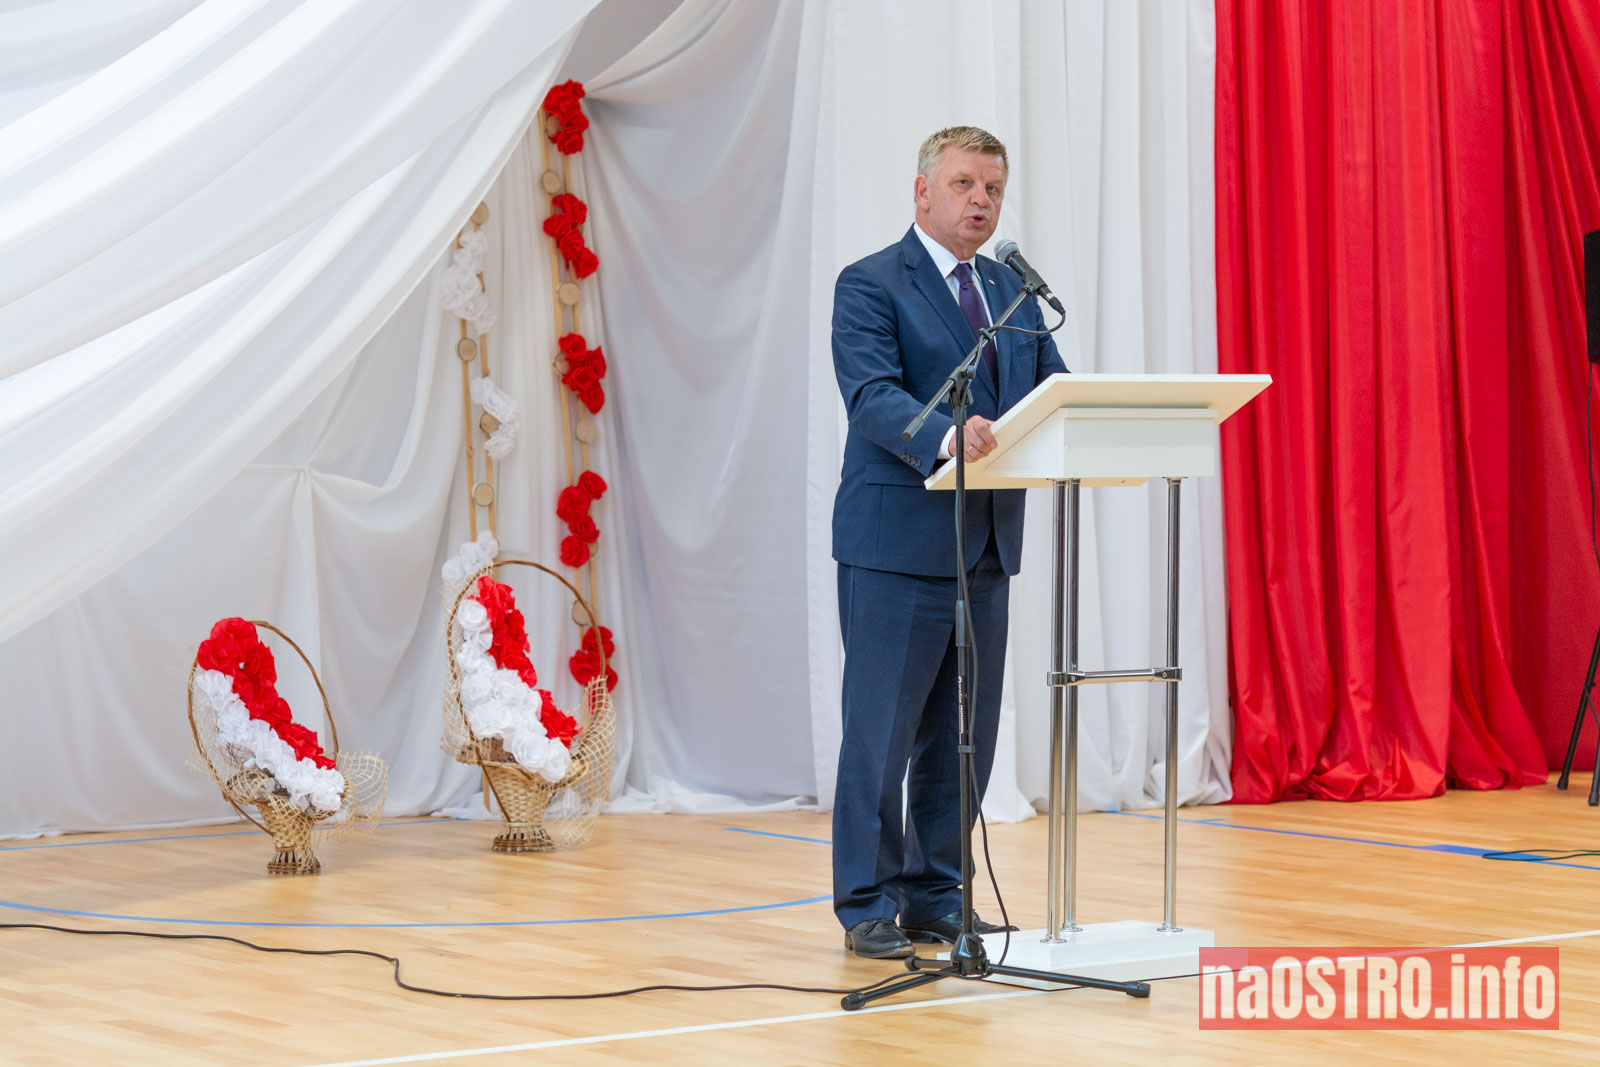 NaOSTRO Otwarcie Szkoły w Bałtowie-169